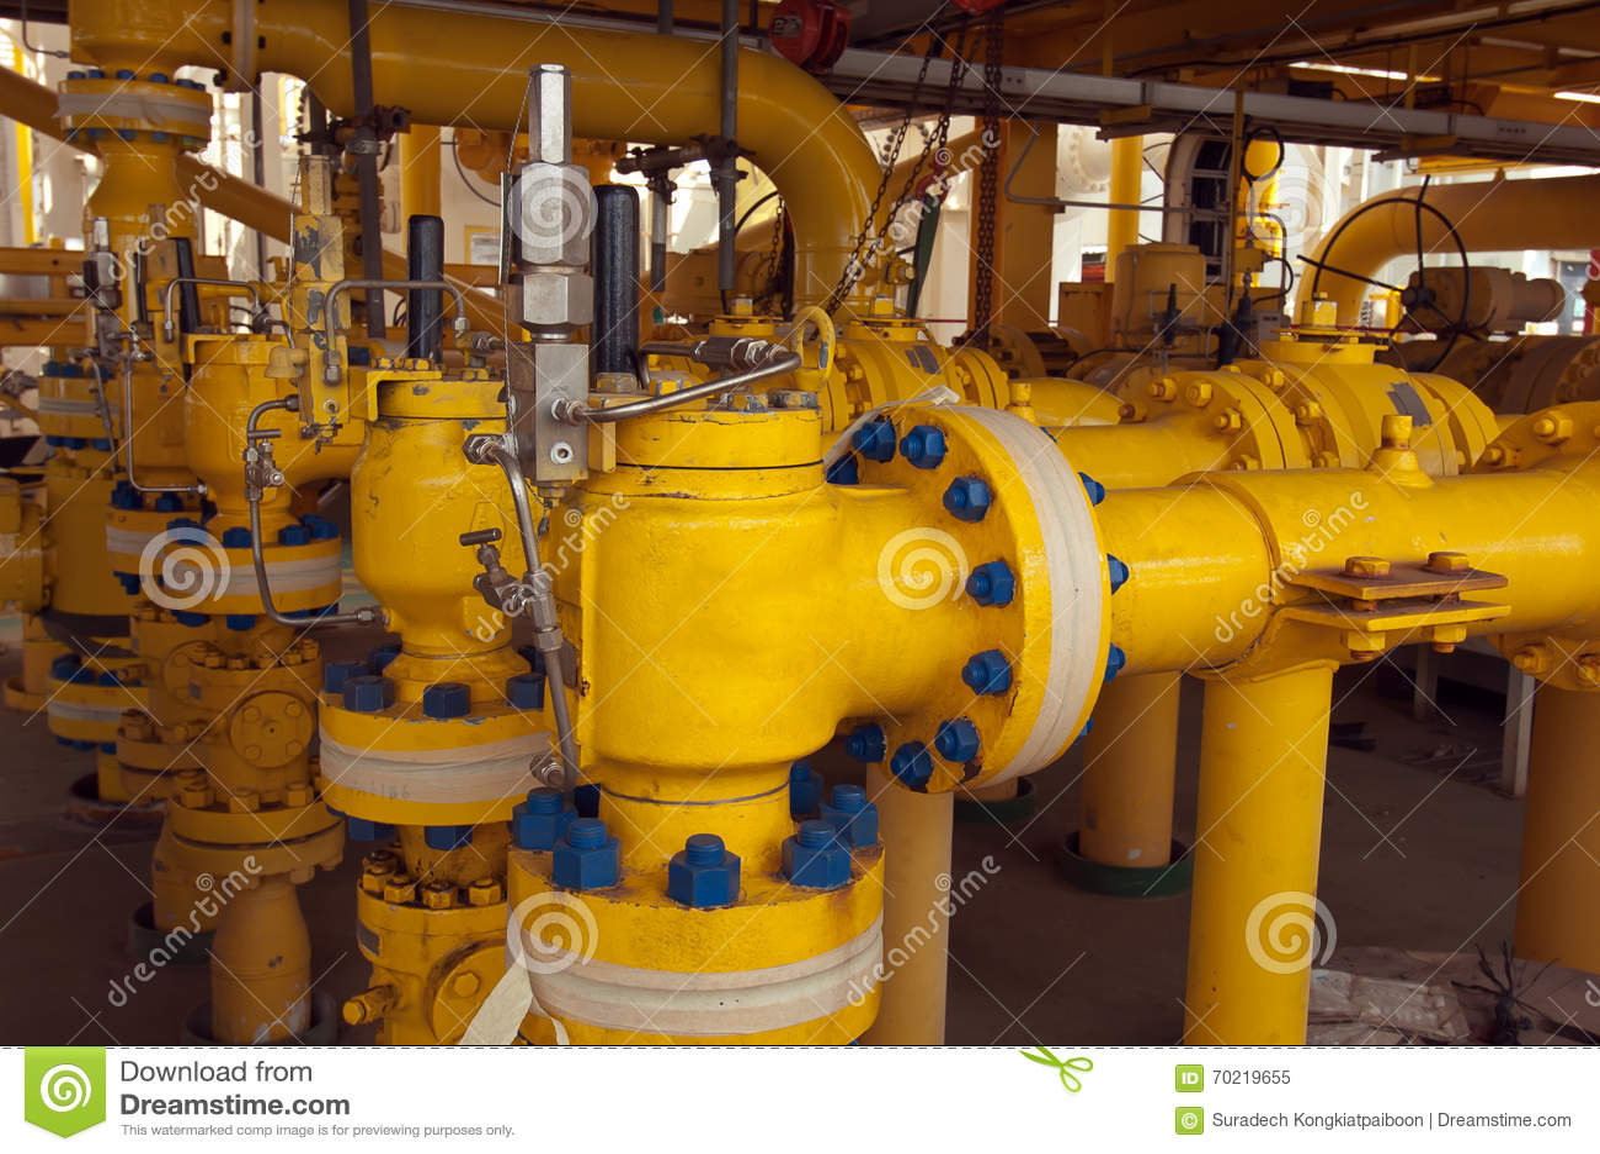 Valvulas de seguridad en la industria petrolera